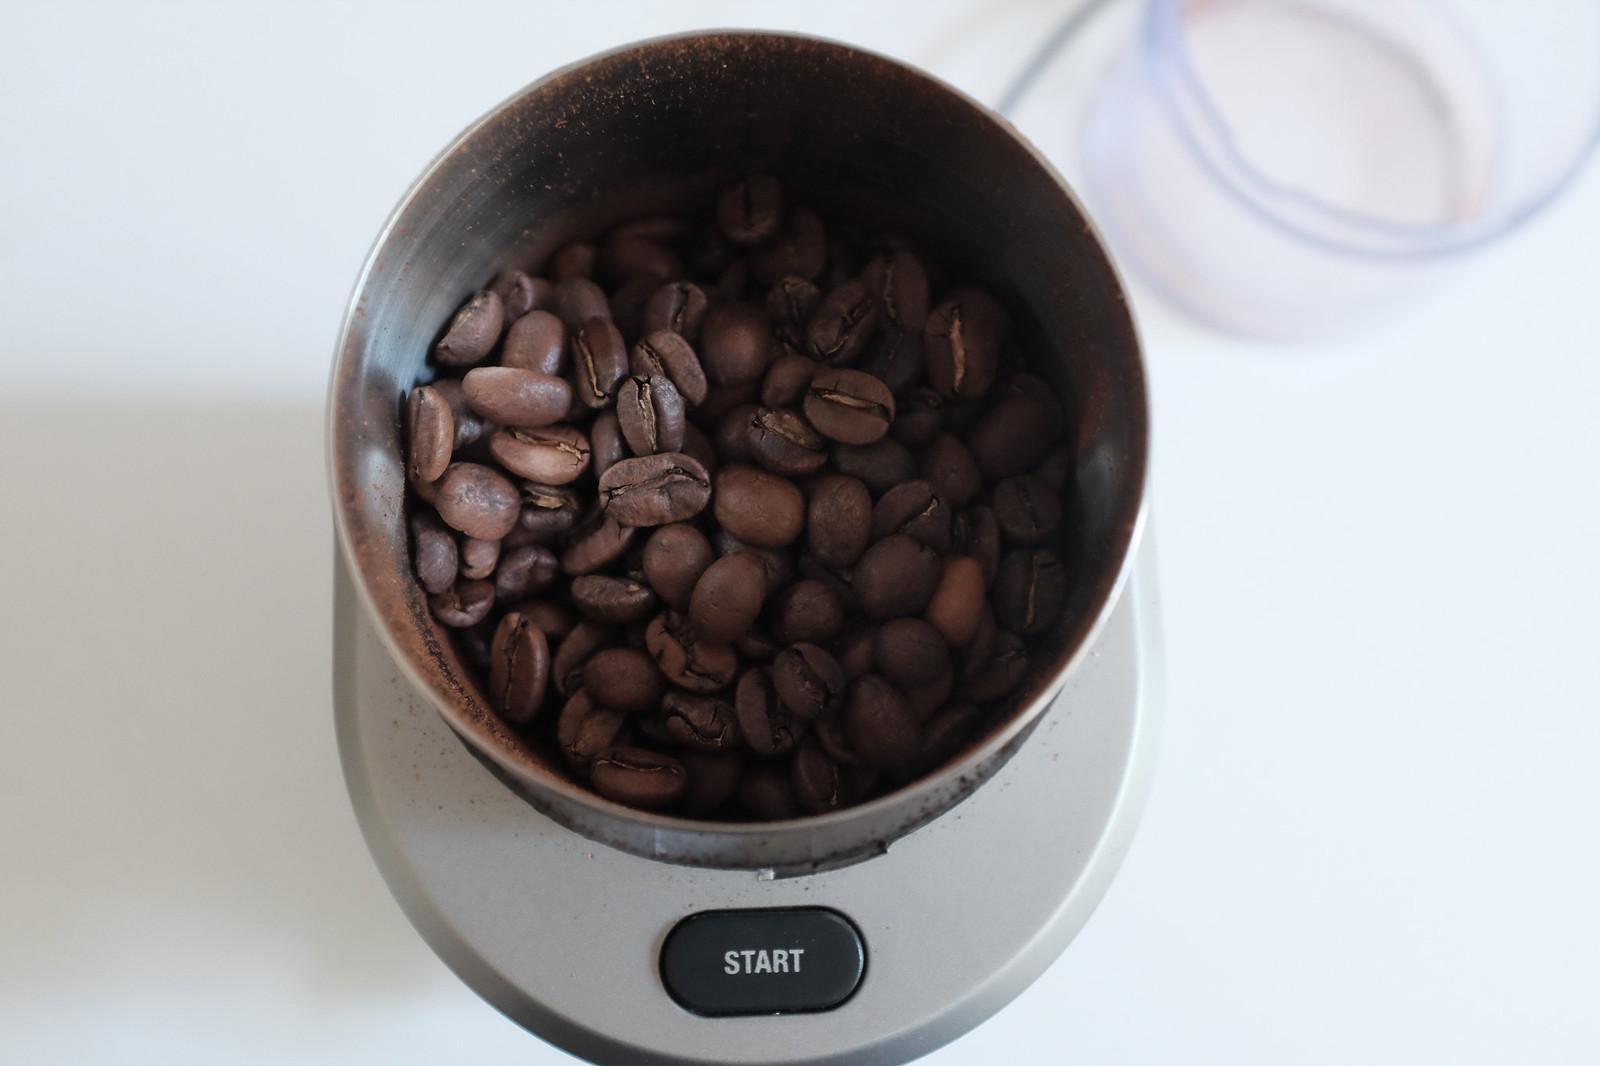 커피를 블렌더에 갈아준다